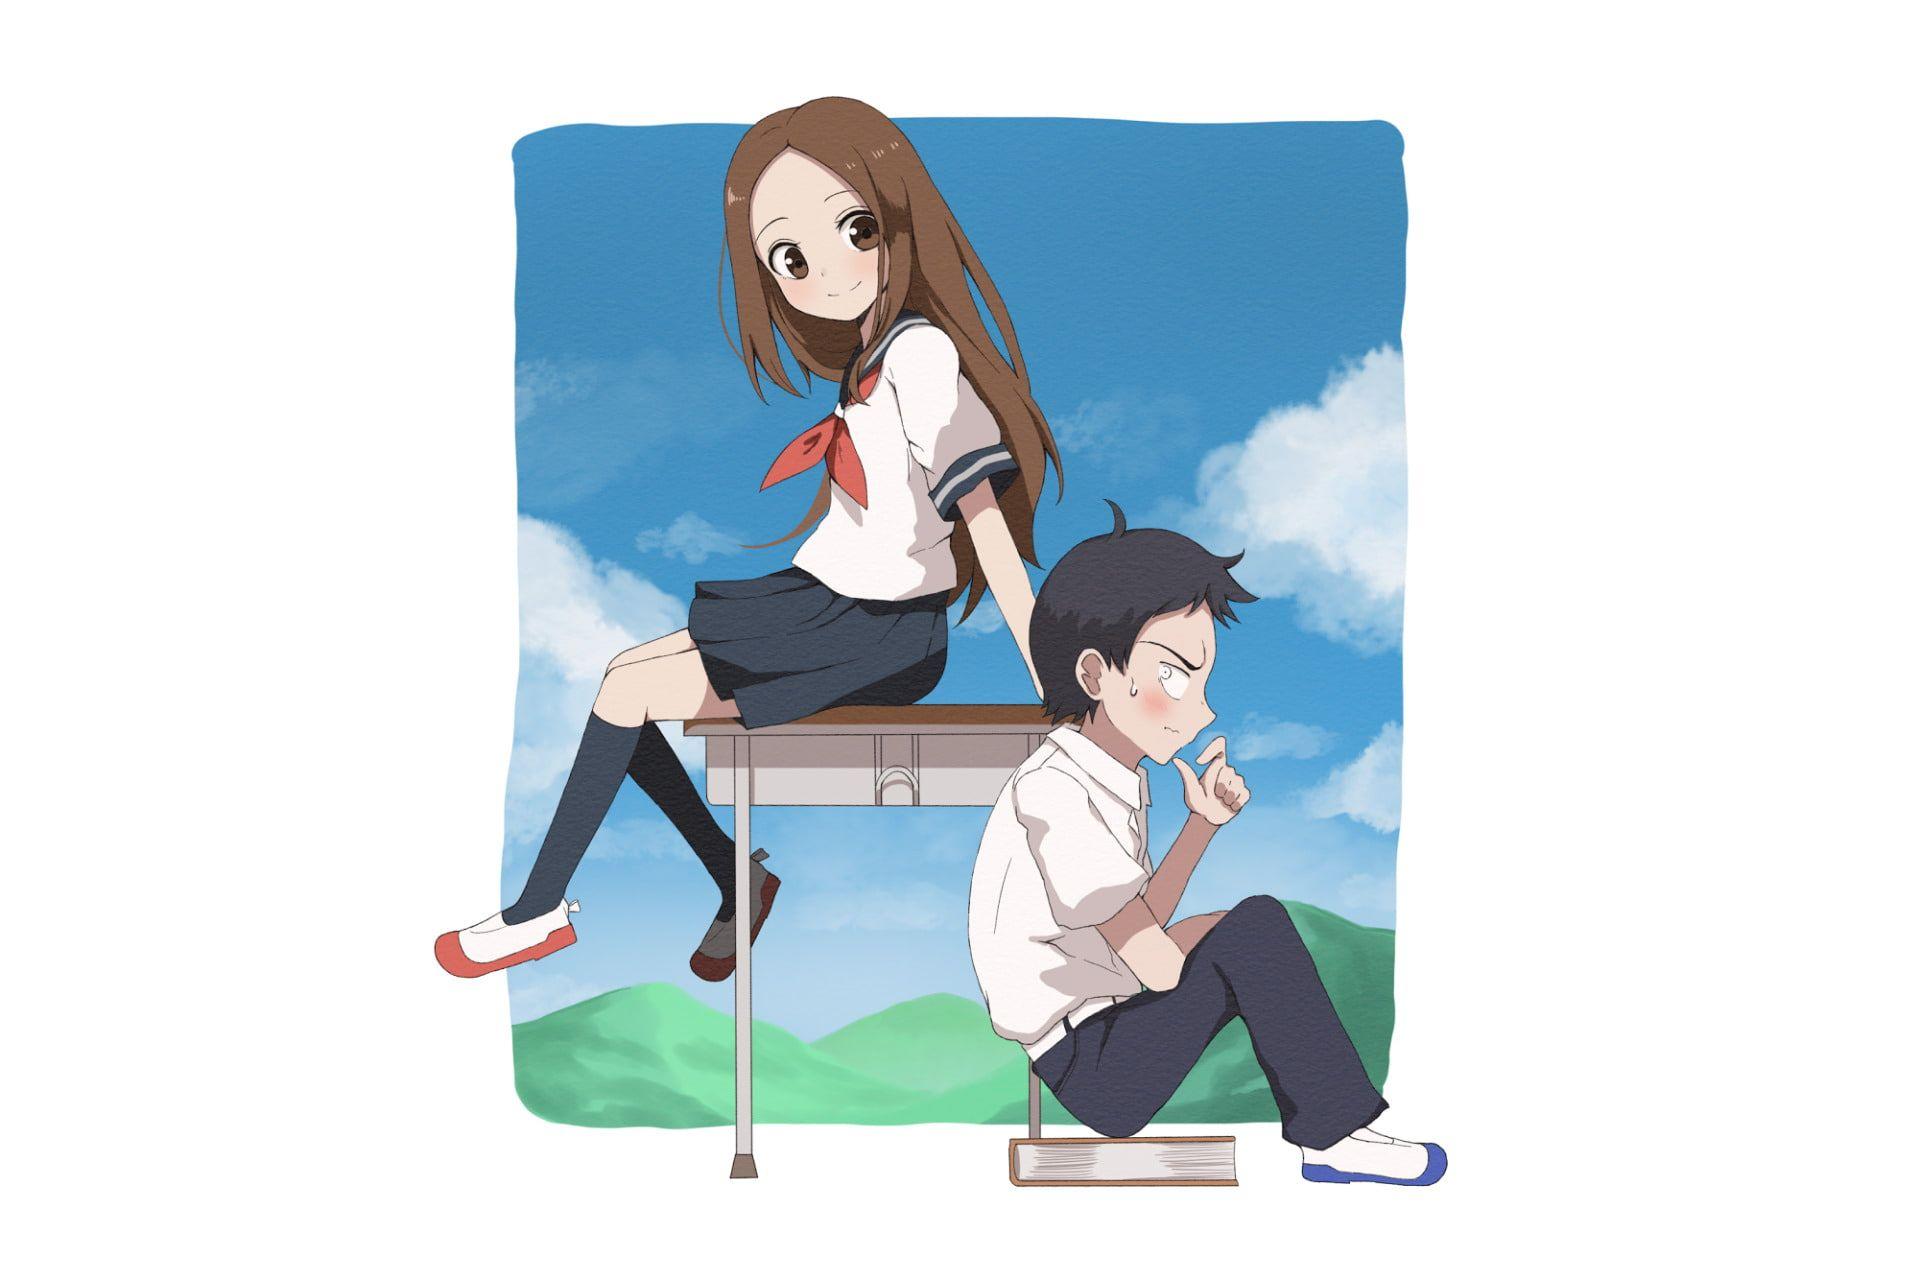 Anime Karakai Jouzu No Takagi San Nishikata Karakai Jouzu No